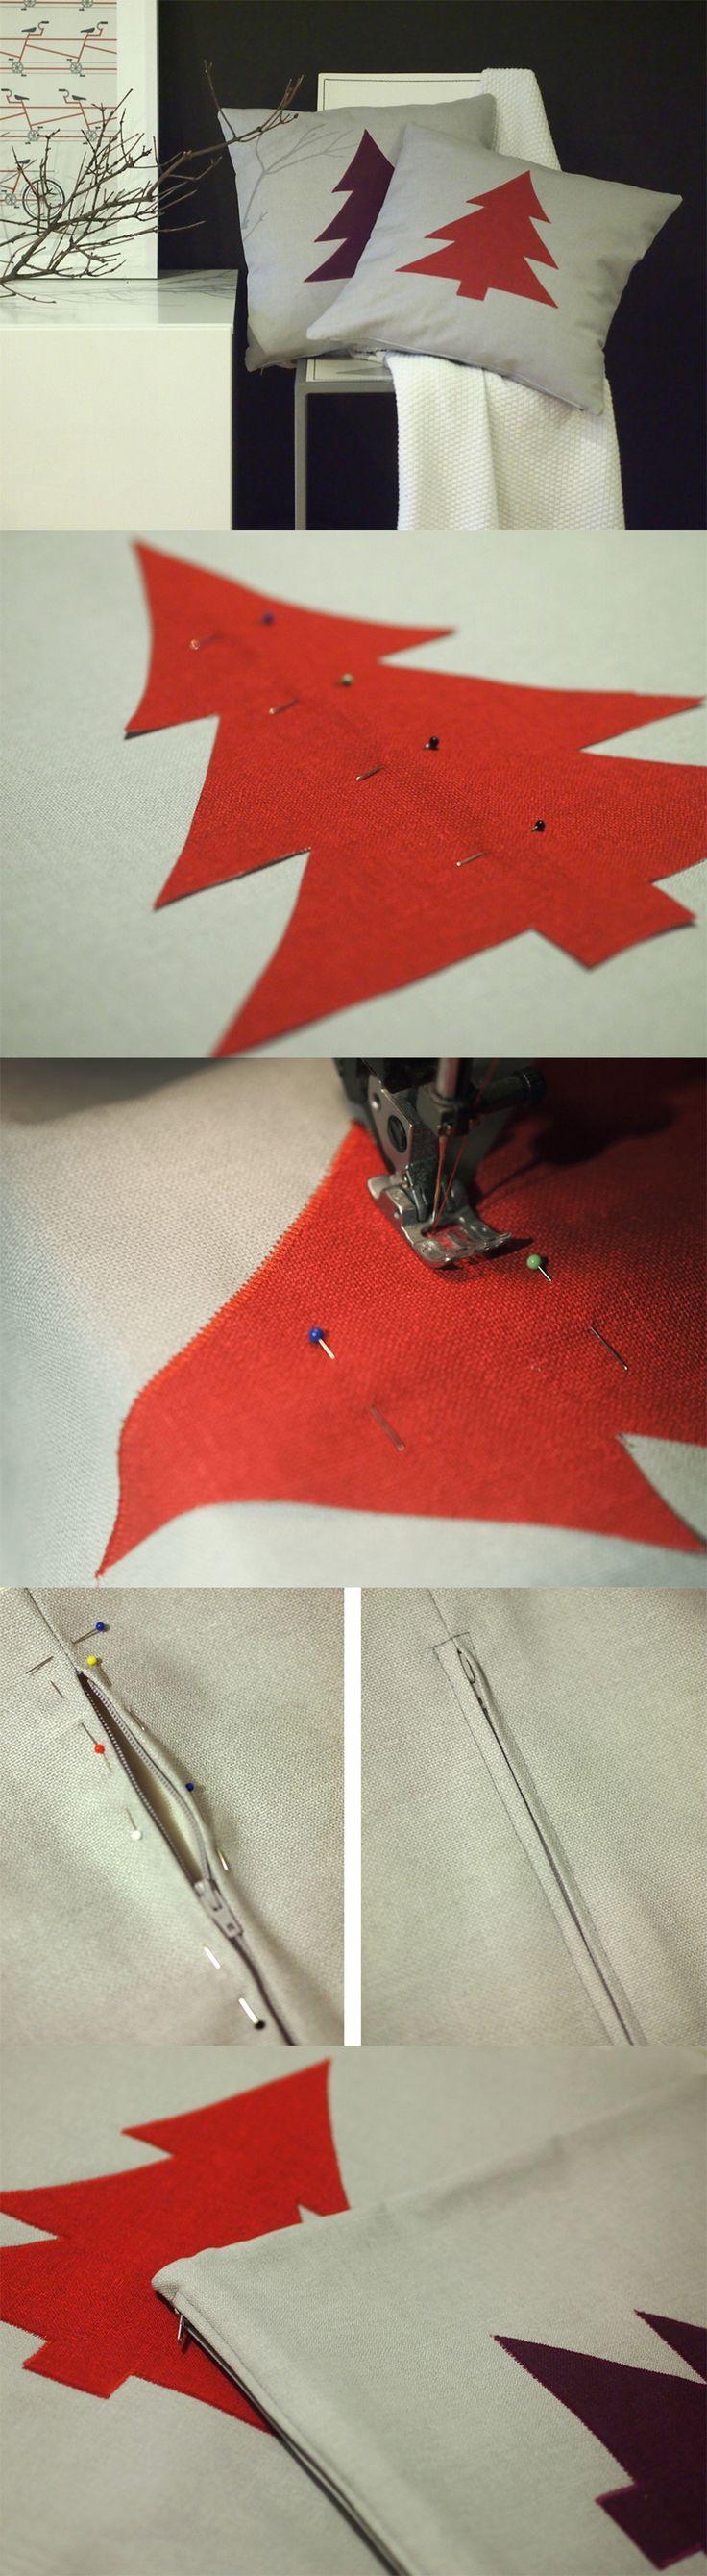 DIY Aplikoitu tyyny / Applique cushion // Leikkaa hauamasi kuvio kankaasta ja ompele se tiheällä siksakilla tyynynpäälliseen. Tällä ohjeella syntyvät kauniit päälliset mihin tahansa vuodenaikaan tai juhlaan. Vaihtele vain värejä ja kuvioita.